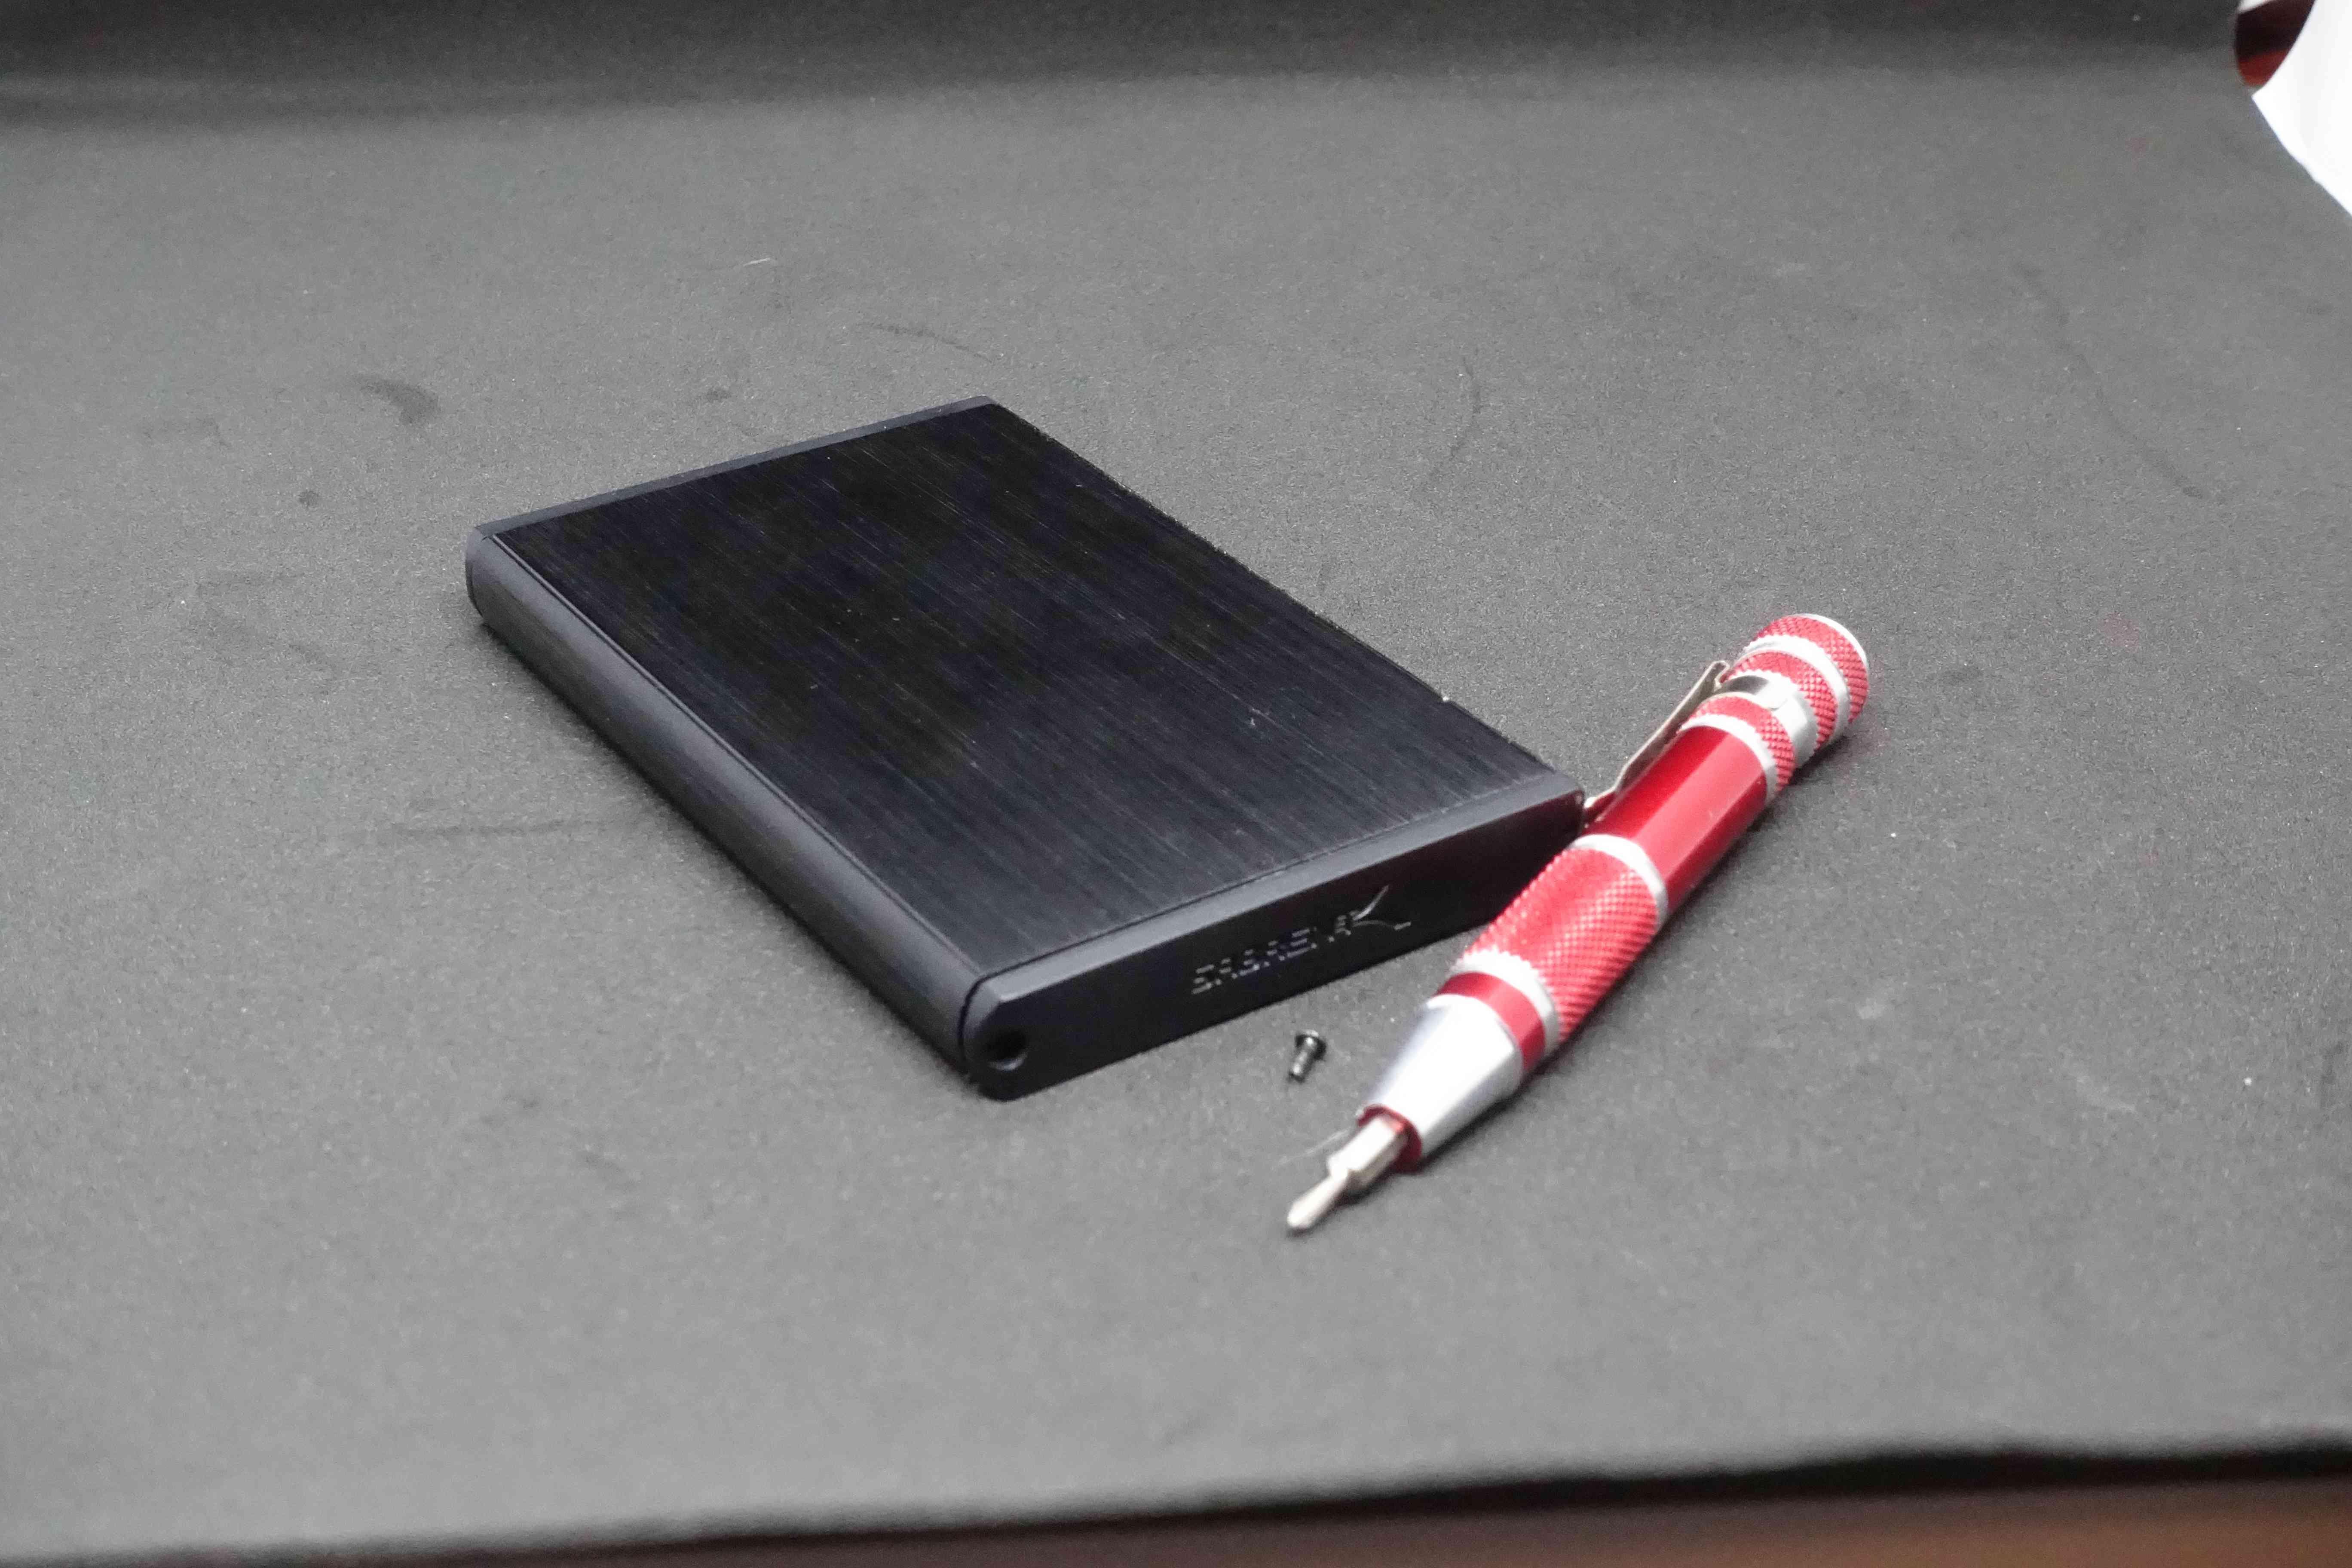 An external hard drive with a screwdriver.